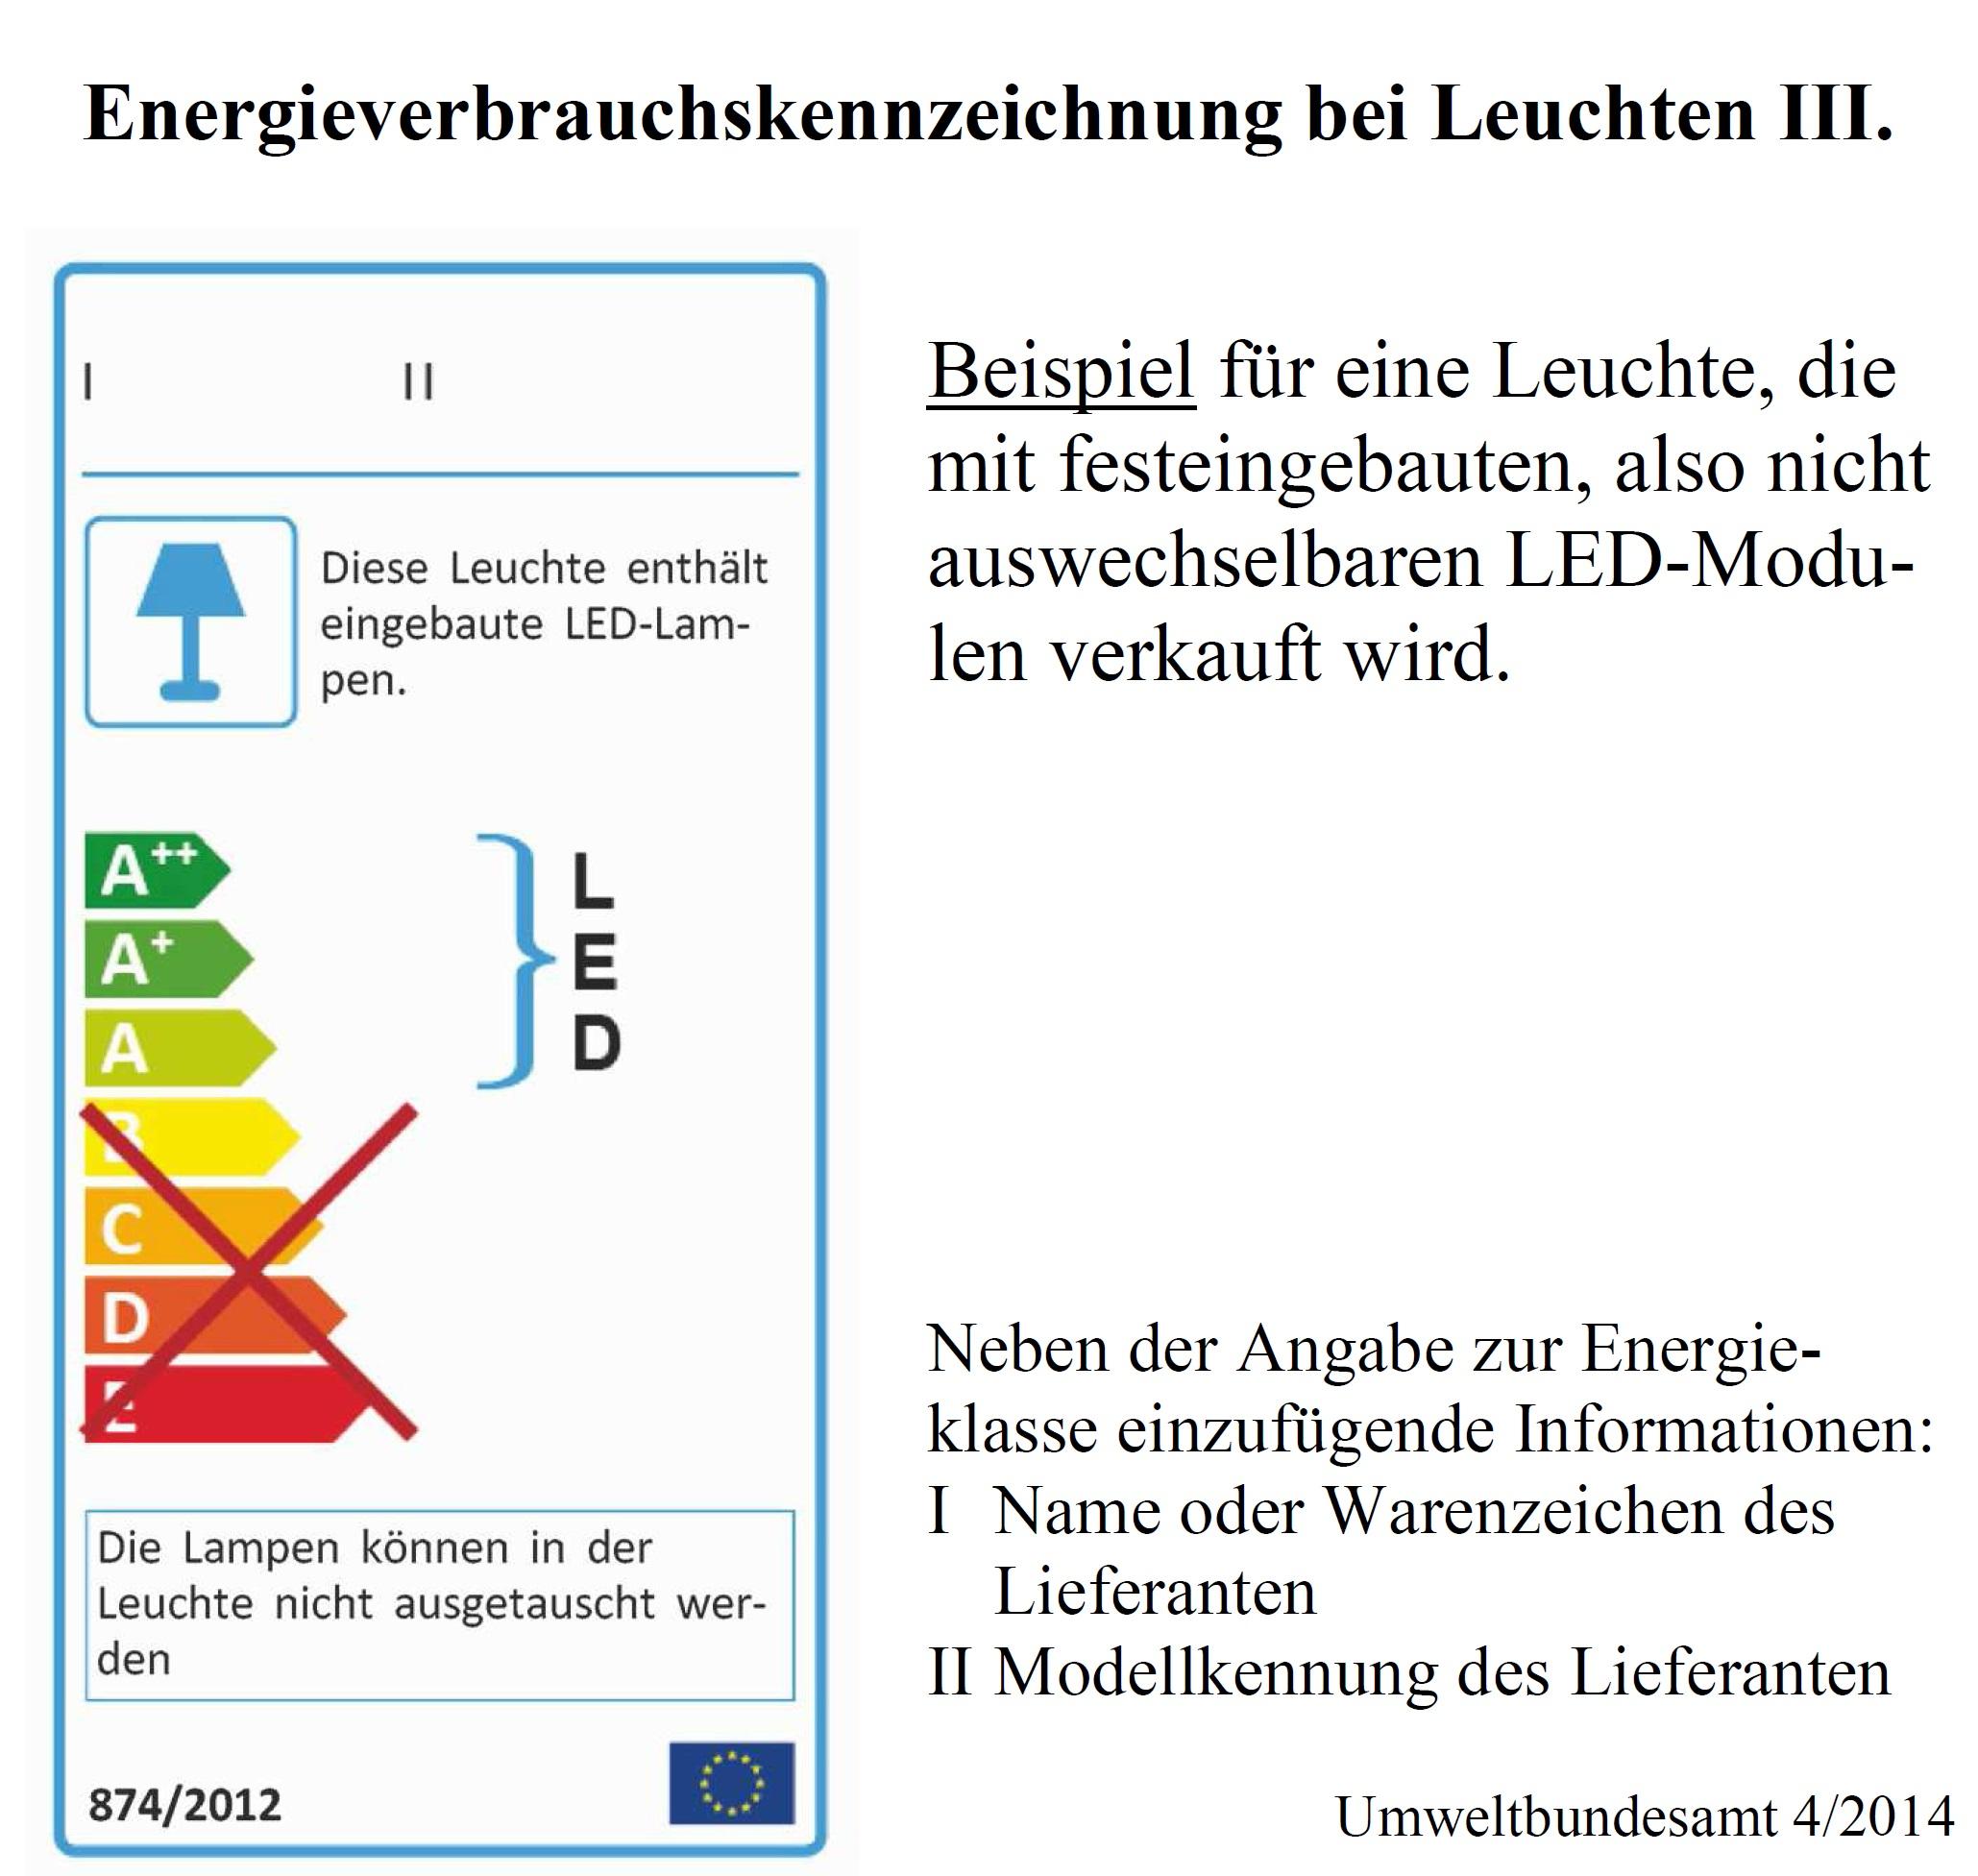 Hufige fragen zum thema licht umweltbundesamt energieverbrauchskennzeichnung bei leuchten iii parisarafo Gallery